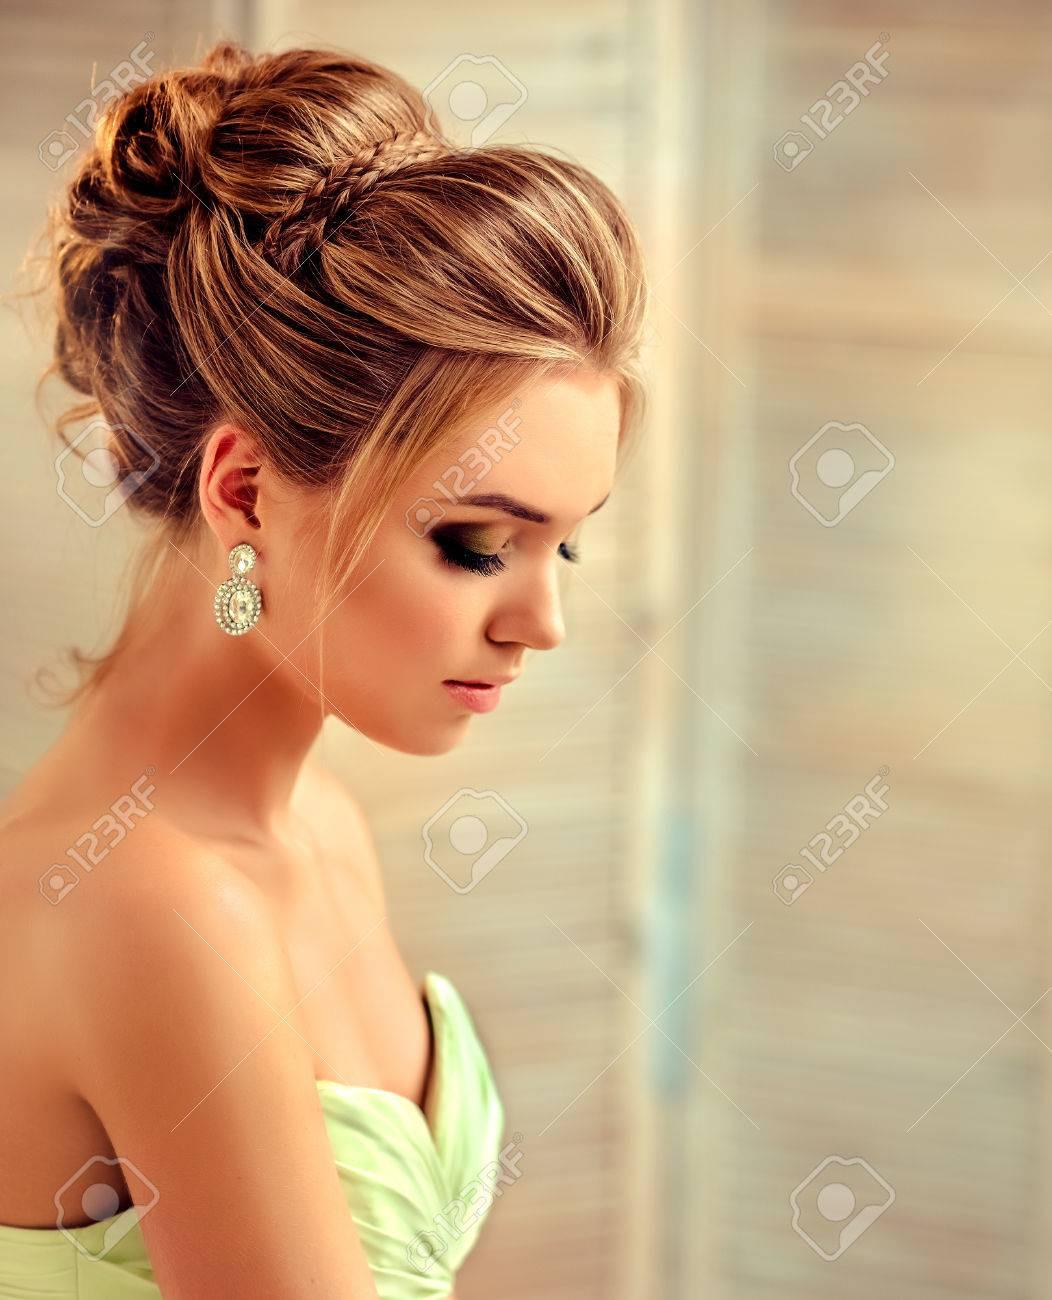 Formal Leicht Frisur Zum Abendkleid Vertrieb Leicht Frisur Zum Abendkleid Design